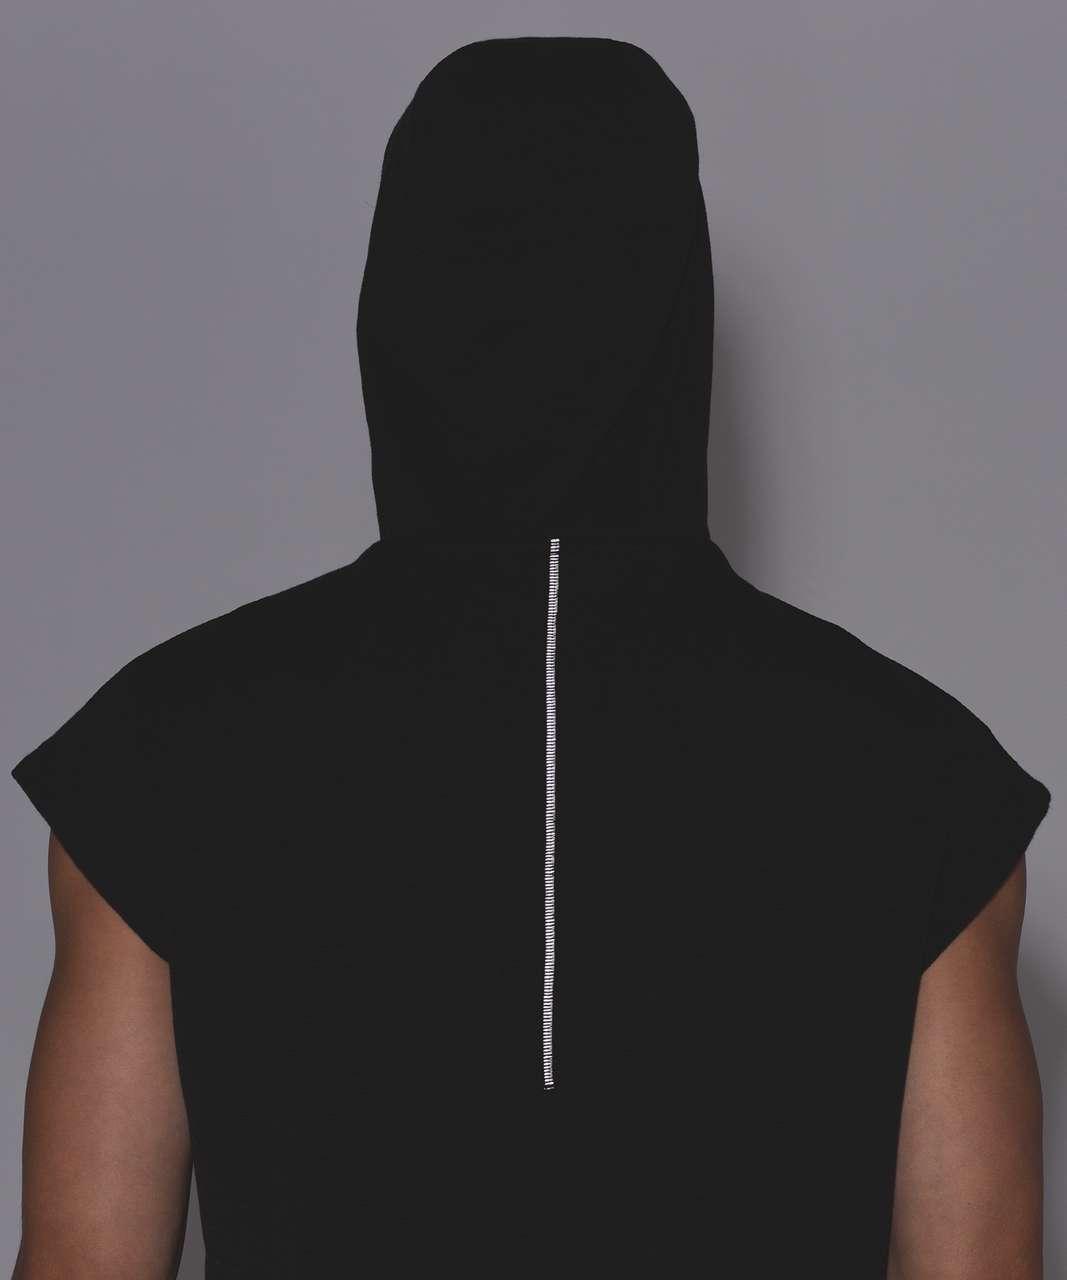 Lululemon One Two Hoodie - Black